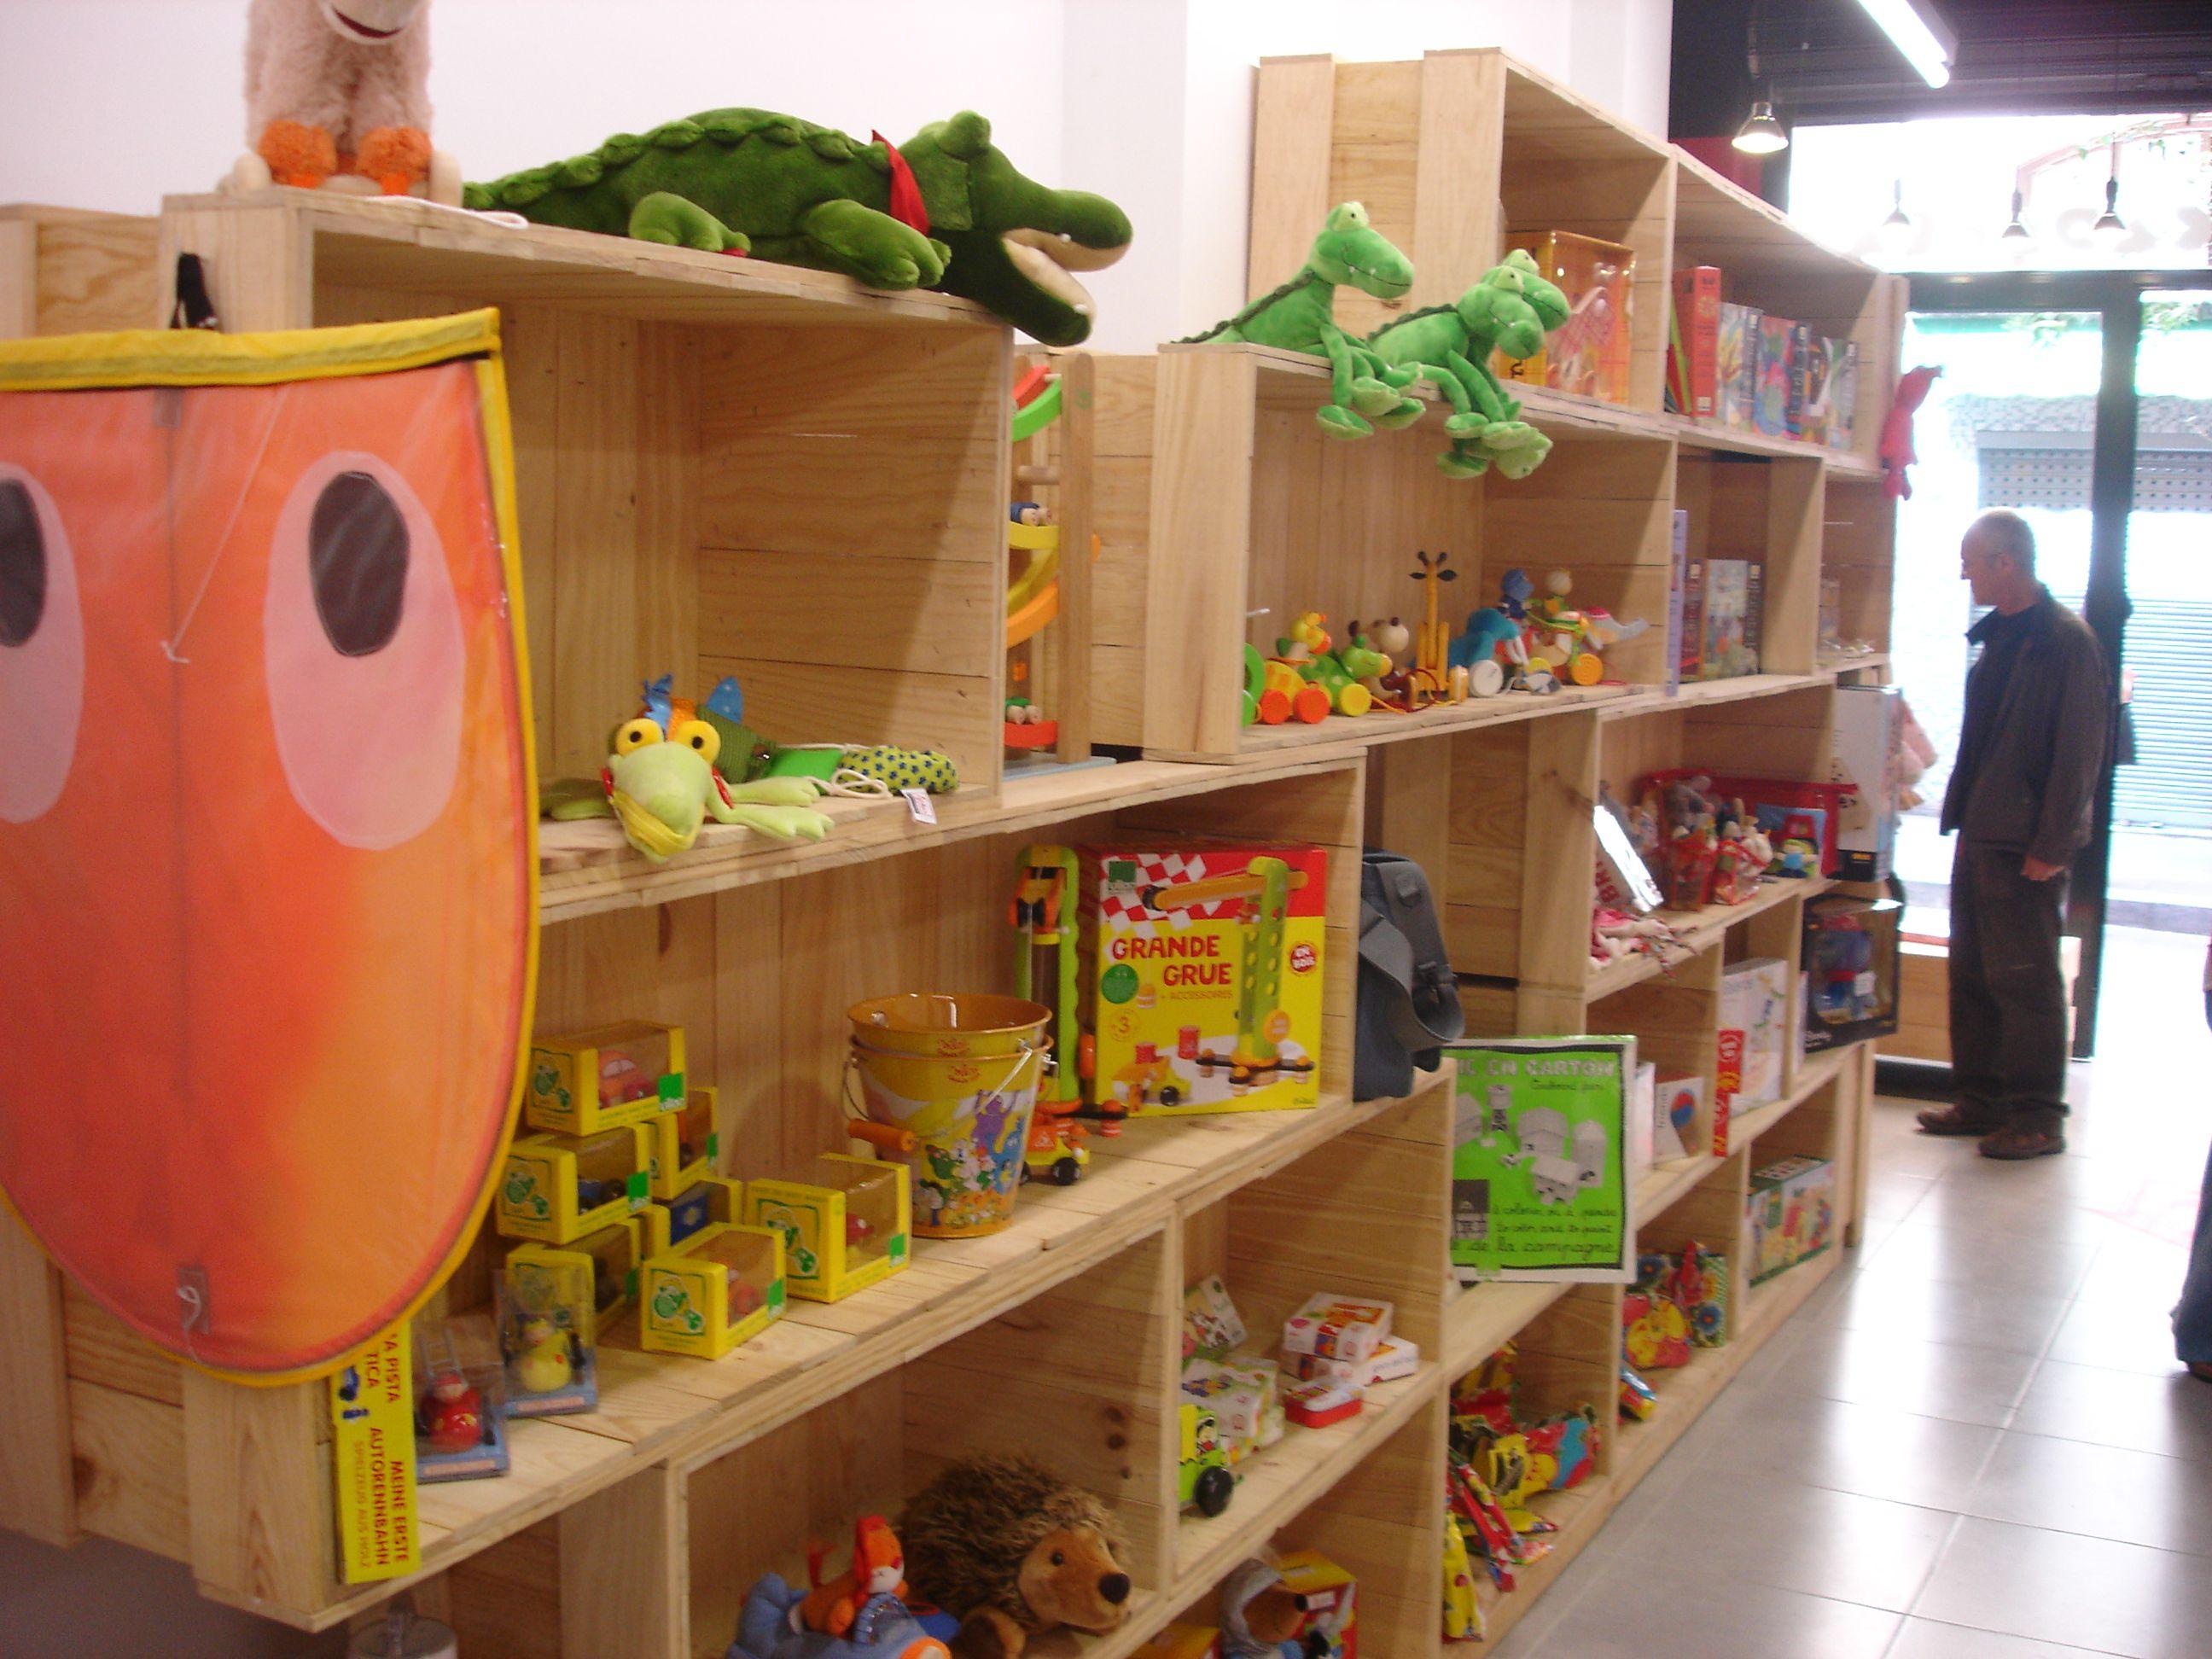 Estanterias hechas con cajas de madera. | Mostradores y barras para ...